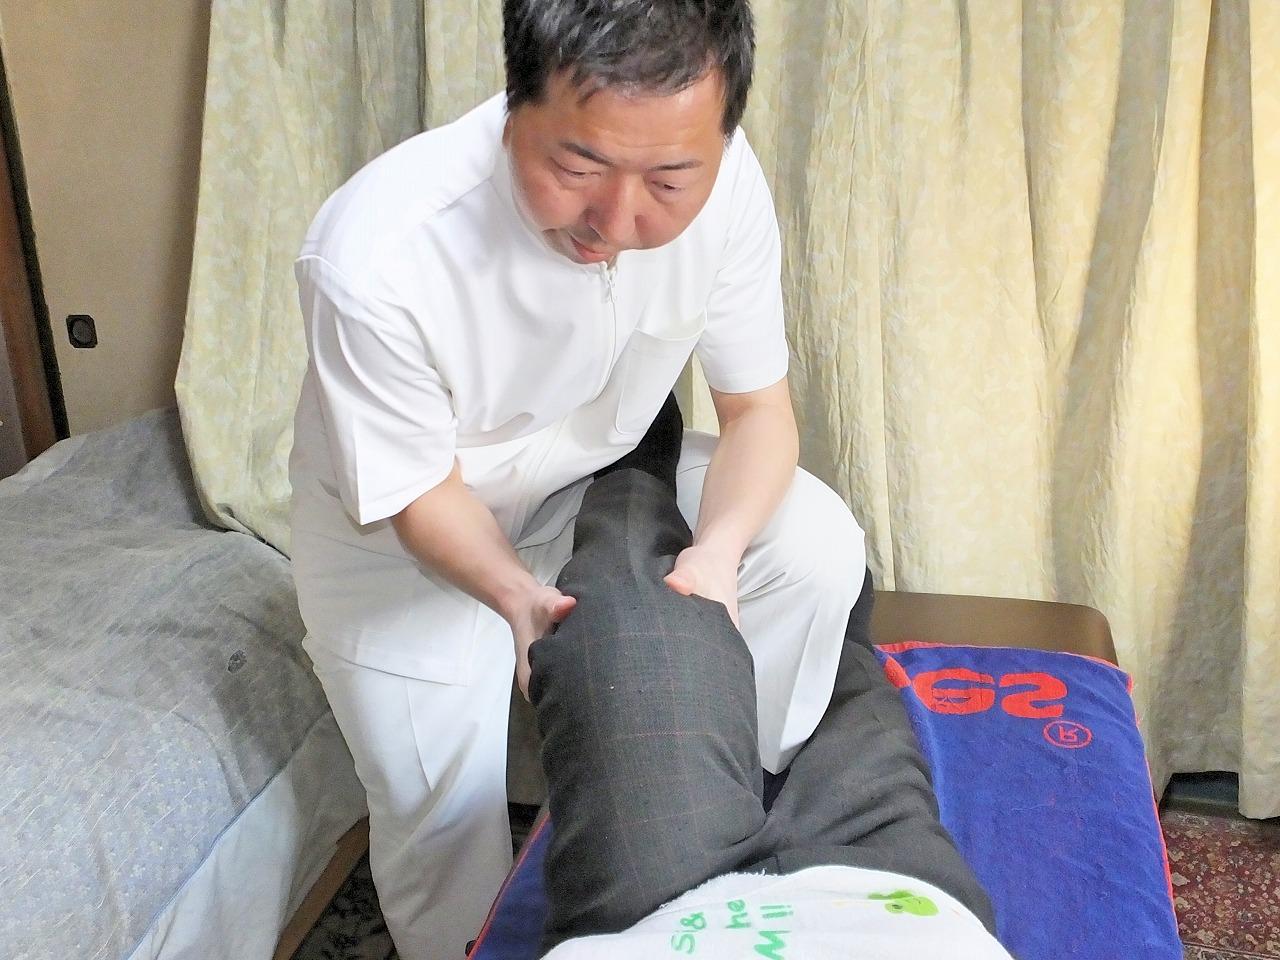 札幌で訪問によるはりきゅう、マッサージ、リハビリならすみれ治療院